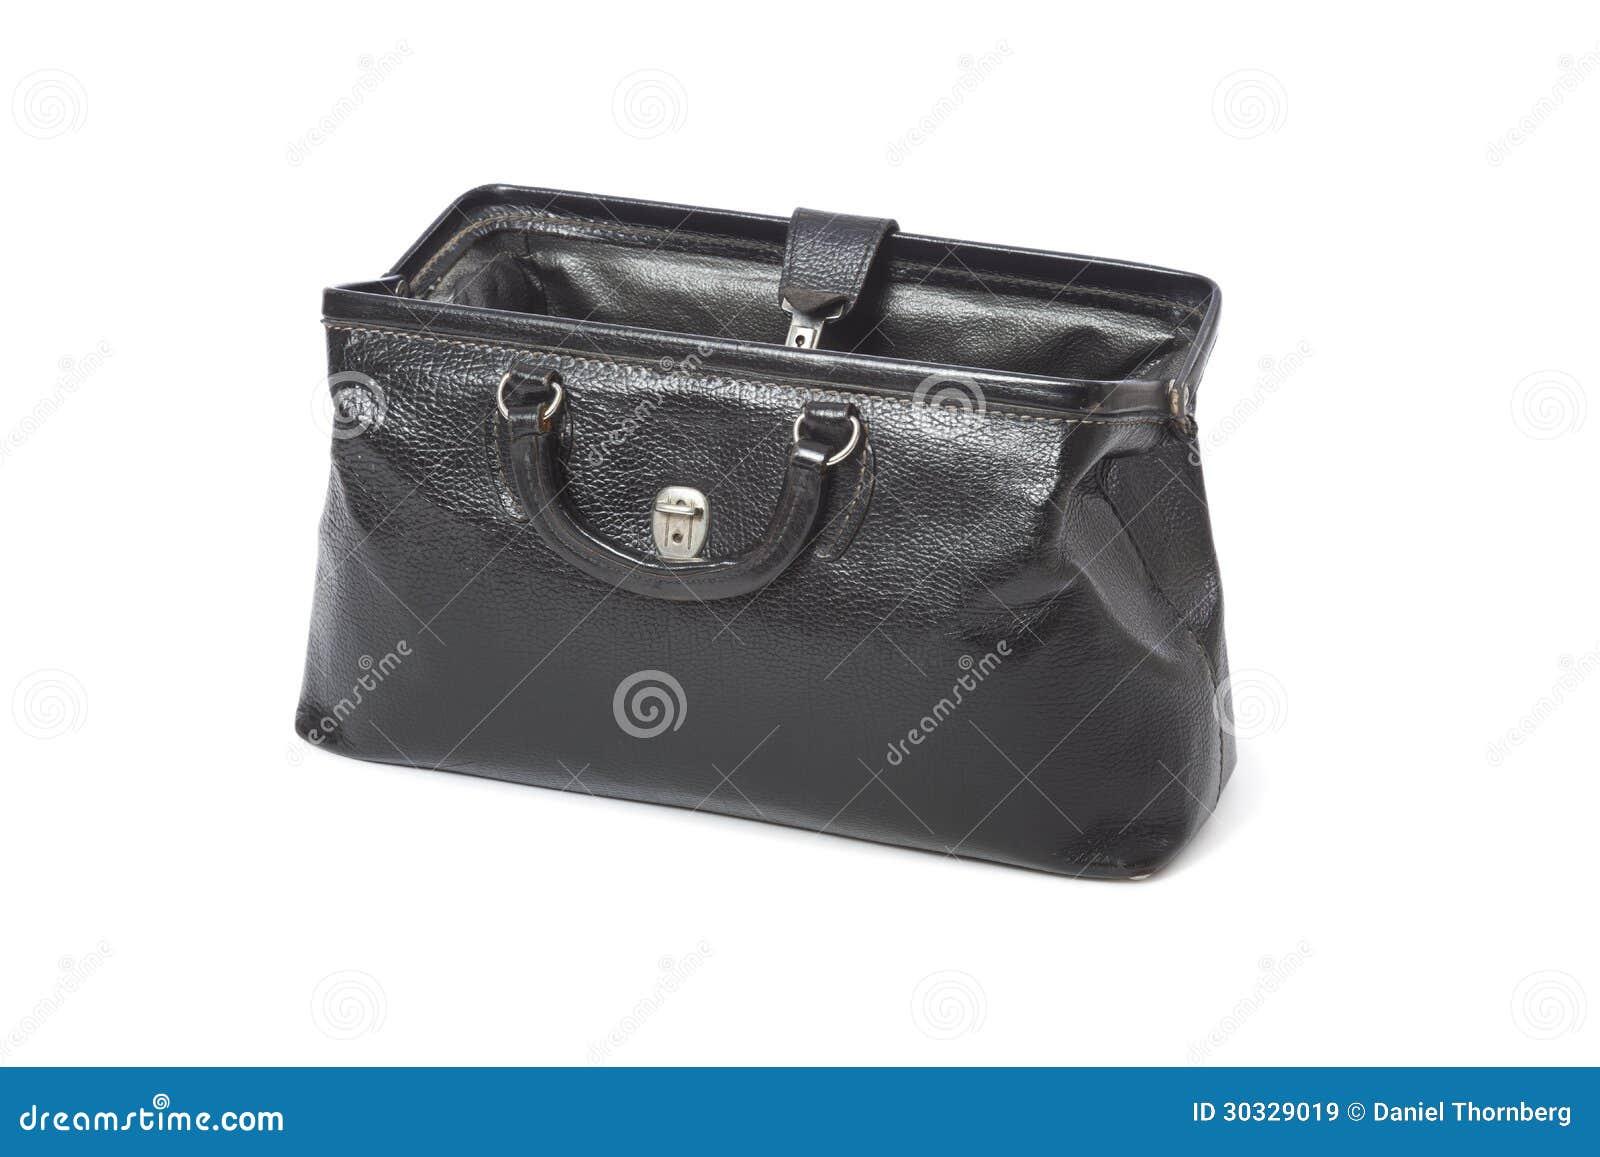 c316a77d09 Η τσάντα ενός ανοικτού εκλεκτής ποιότητας μαύρου δέρματος γιατρού που  απομονώνεται σε ένα άσπρο υπόβαθρο